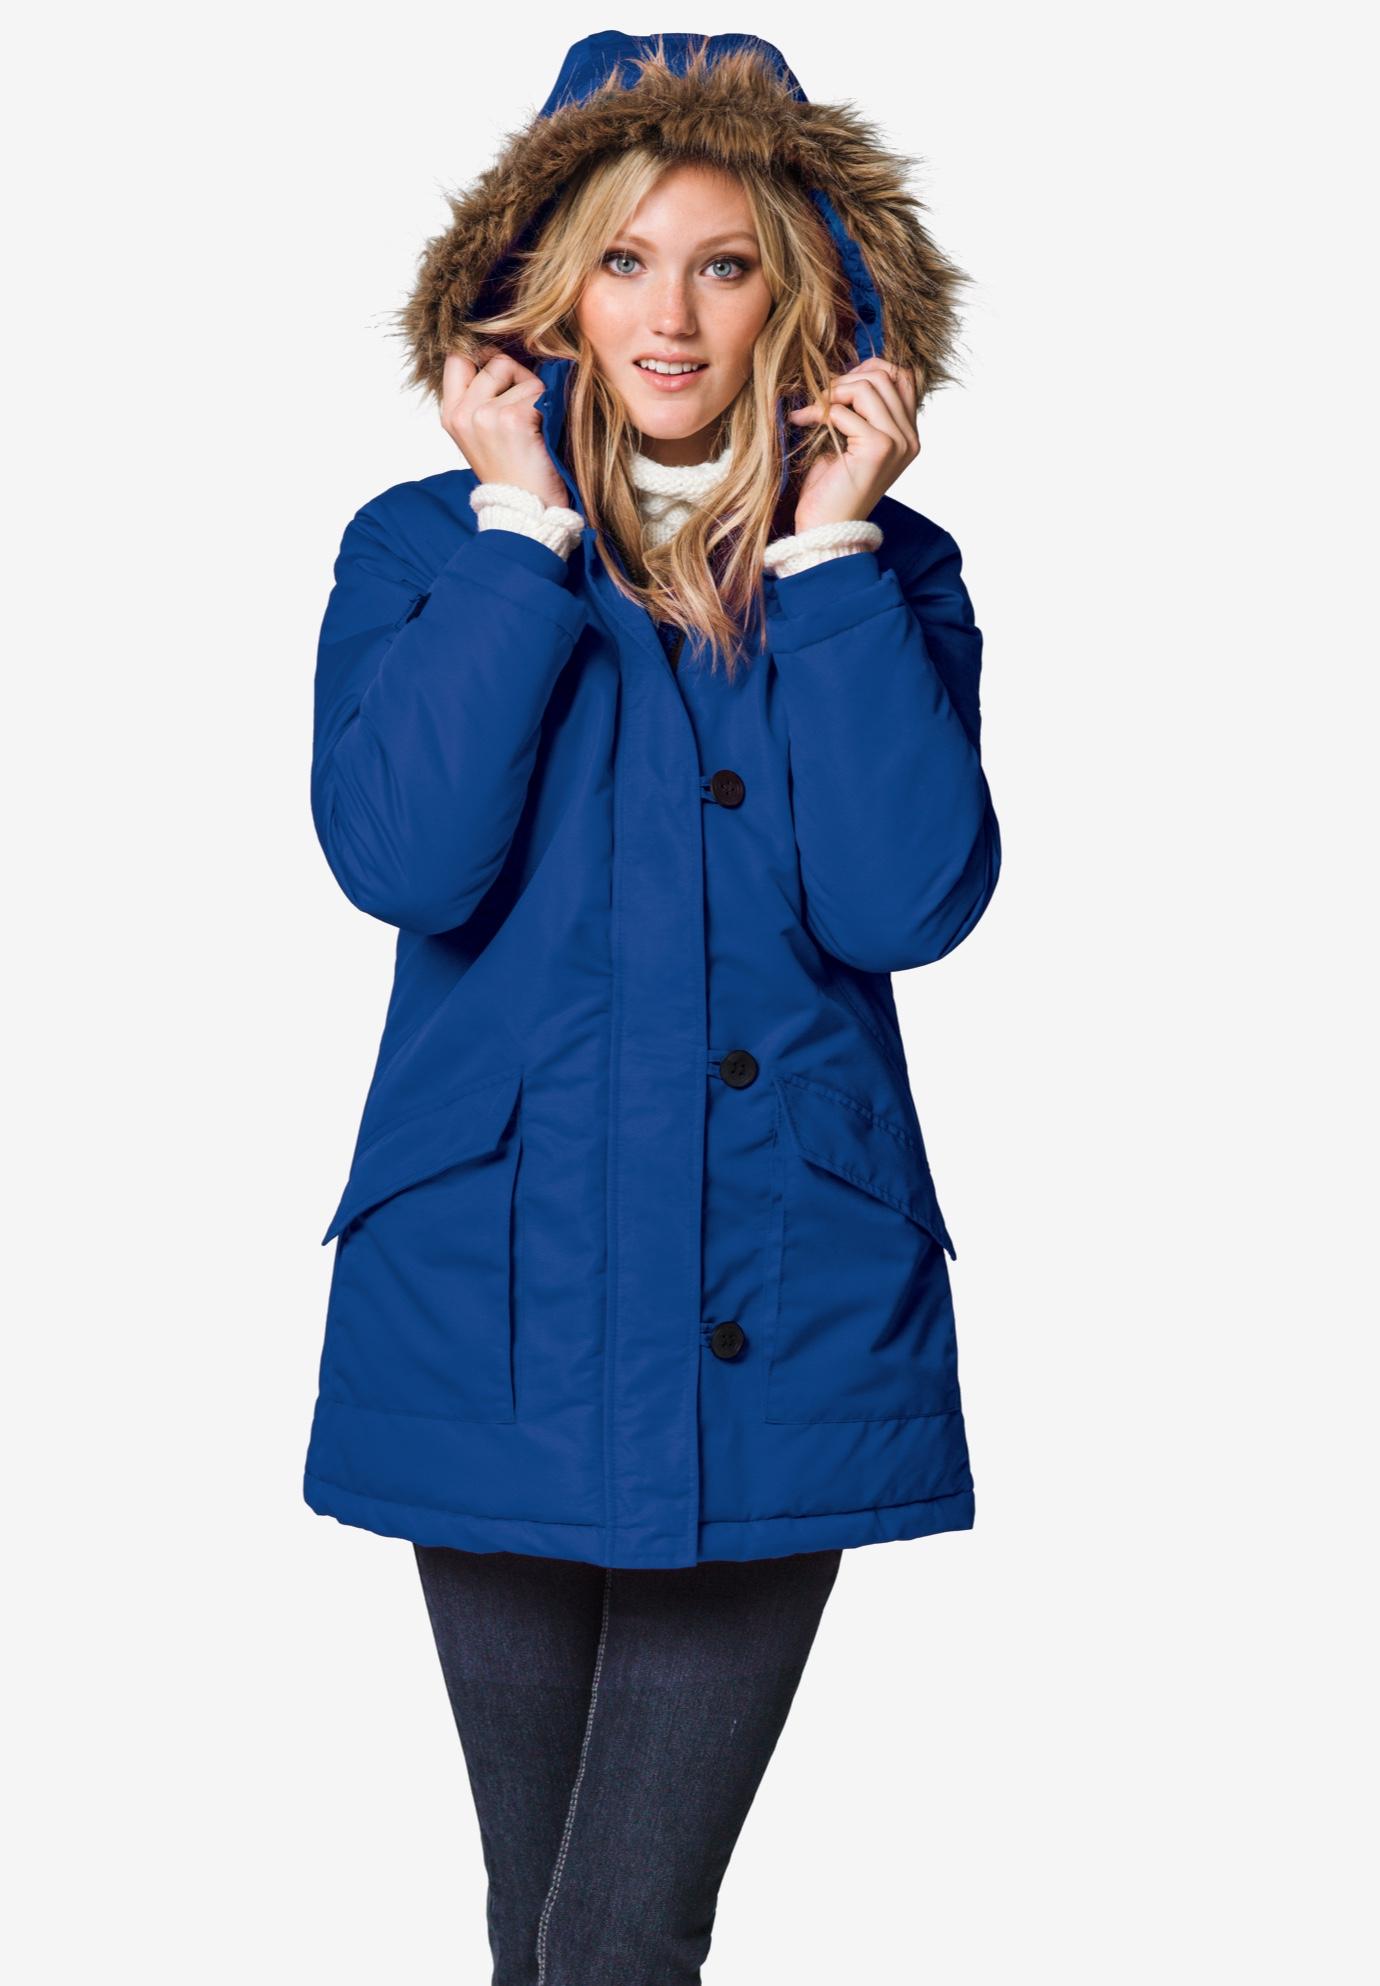 c42819267 Faux Fur Trim Parka by ellos®| Plus Size Coats & Jackets | Ellos